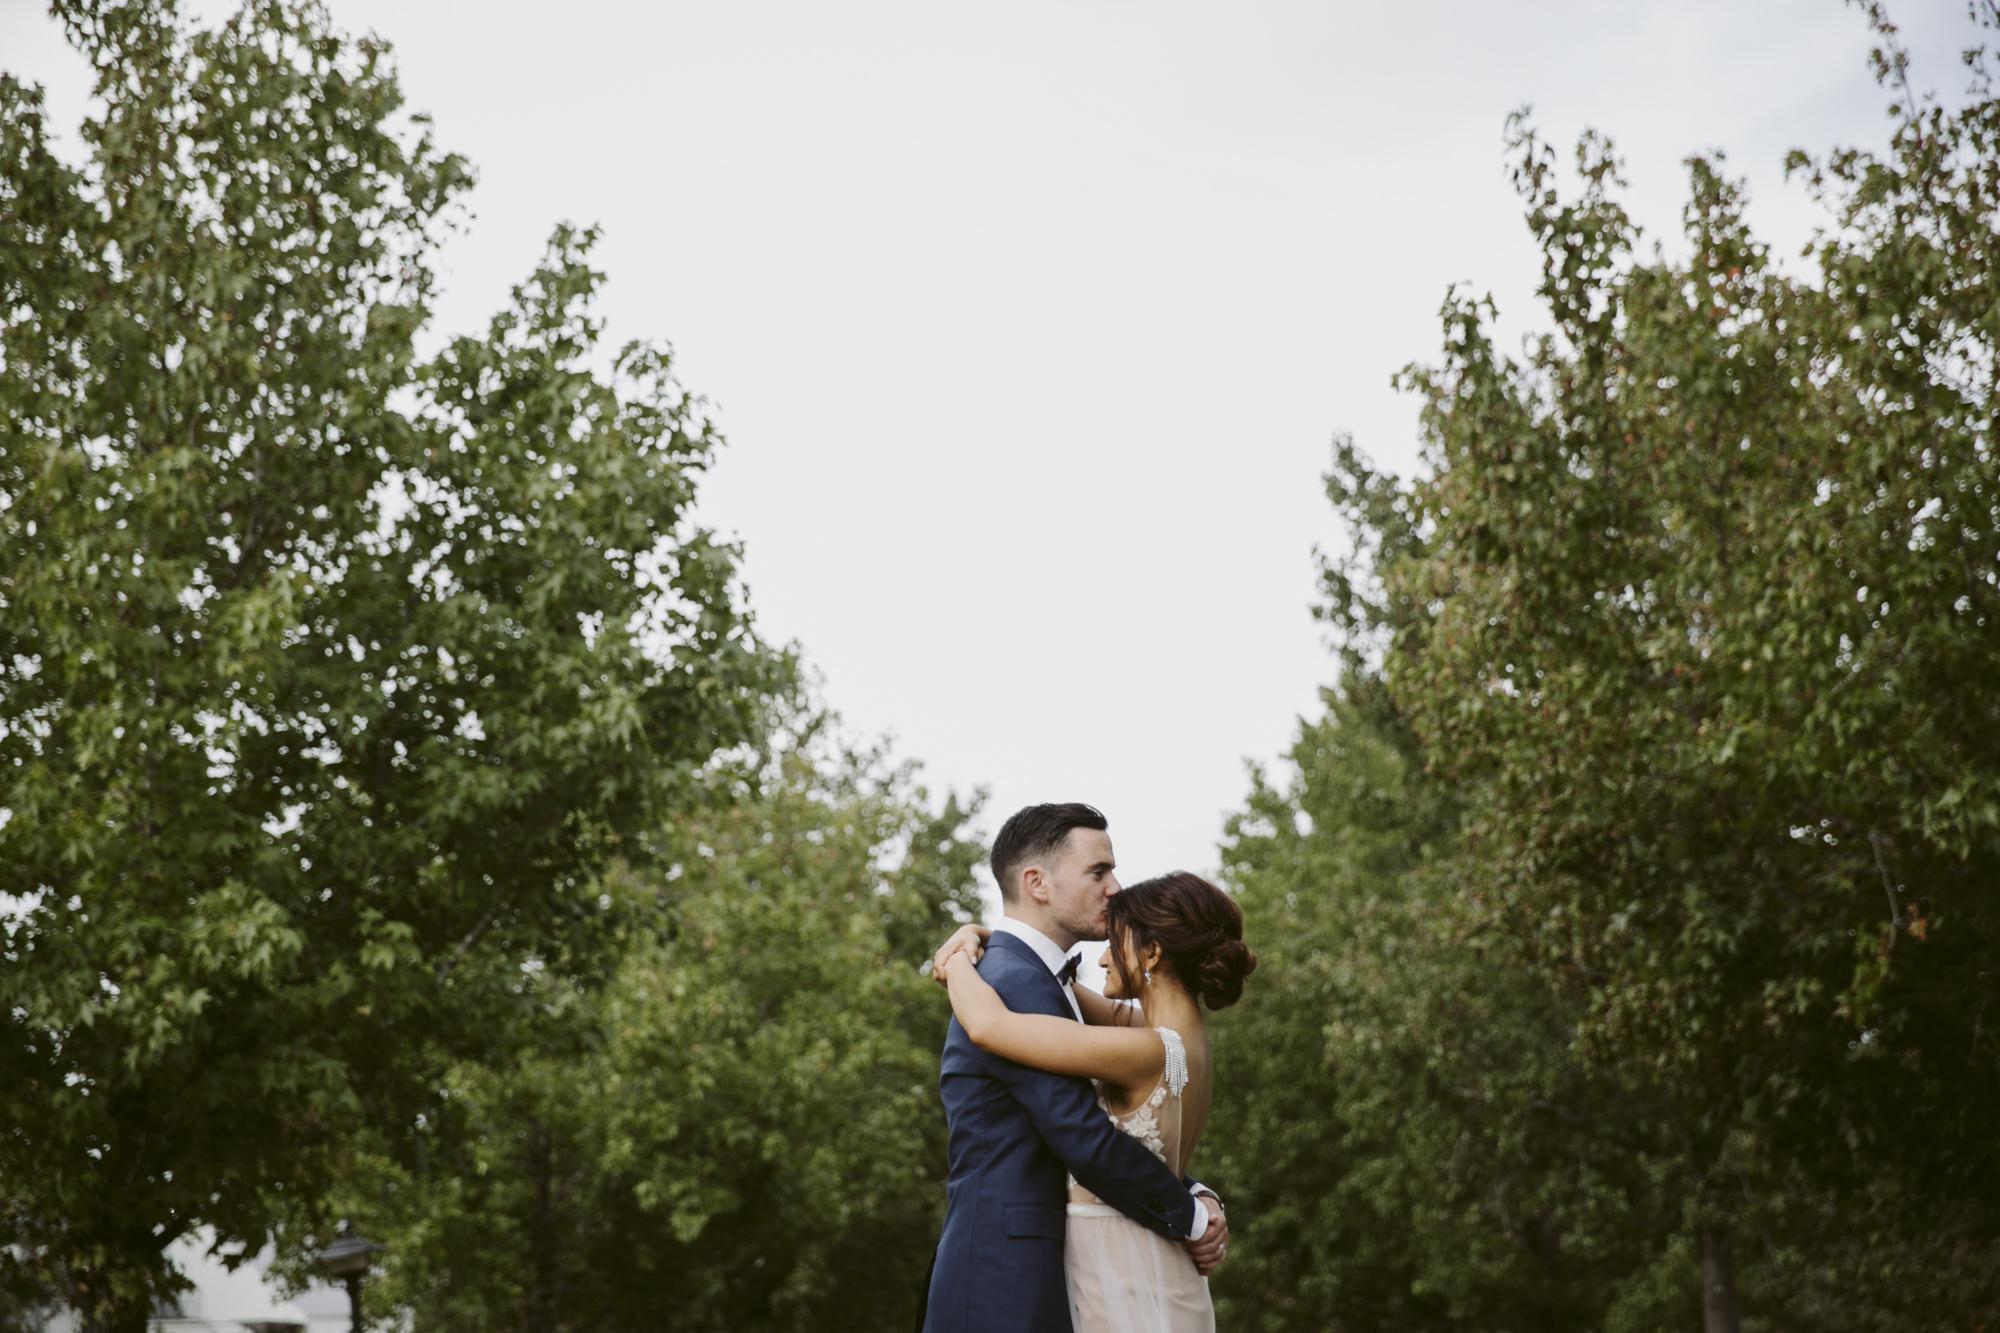 Anna Turner Sydney Wedding Photographer-84.jpg